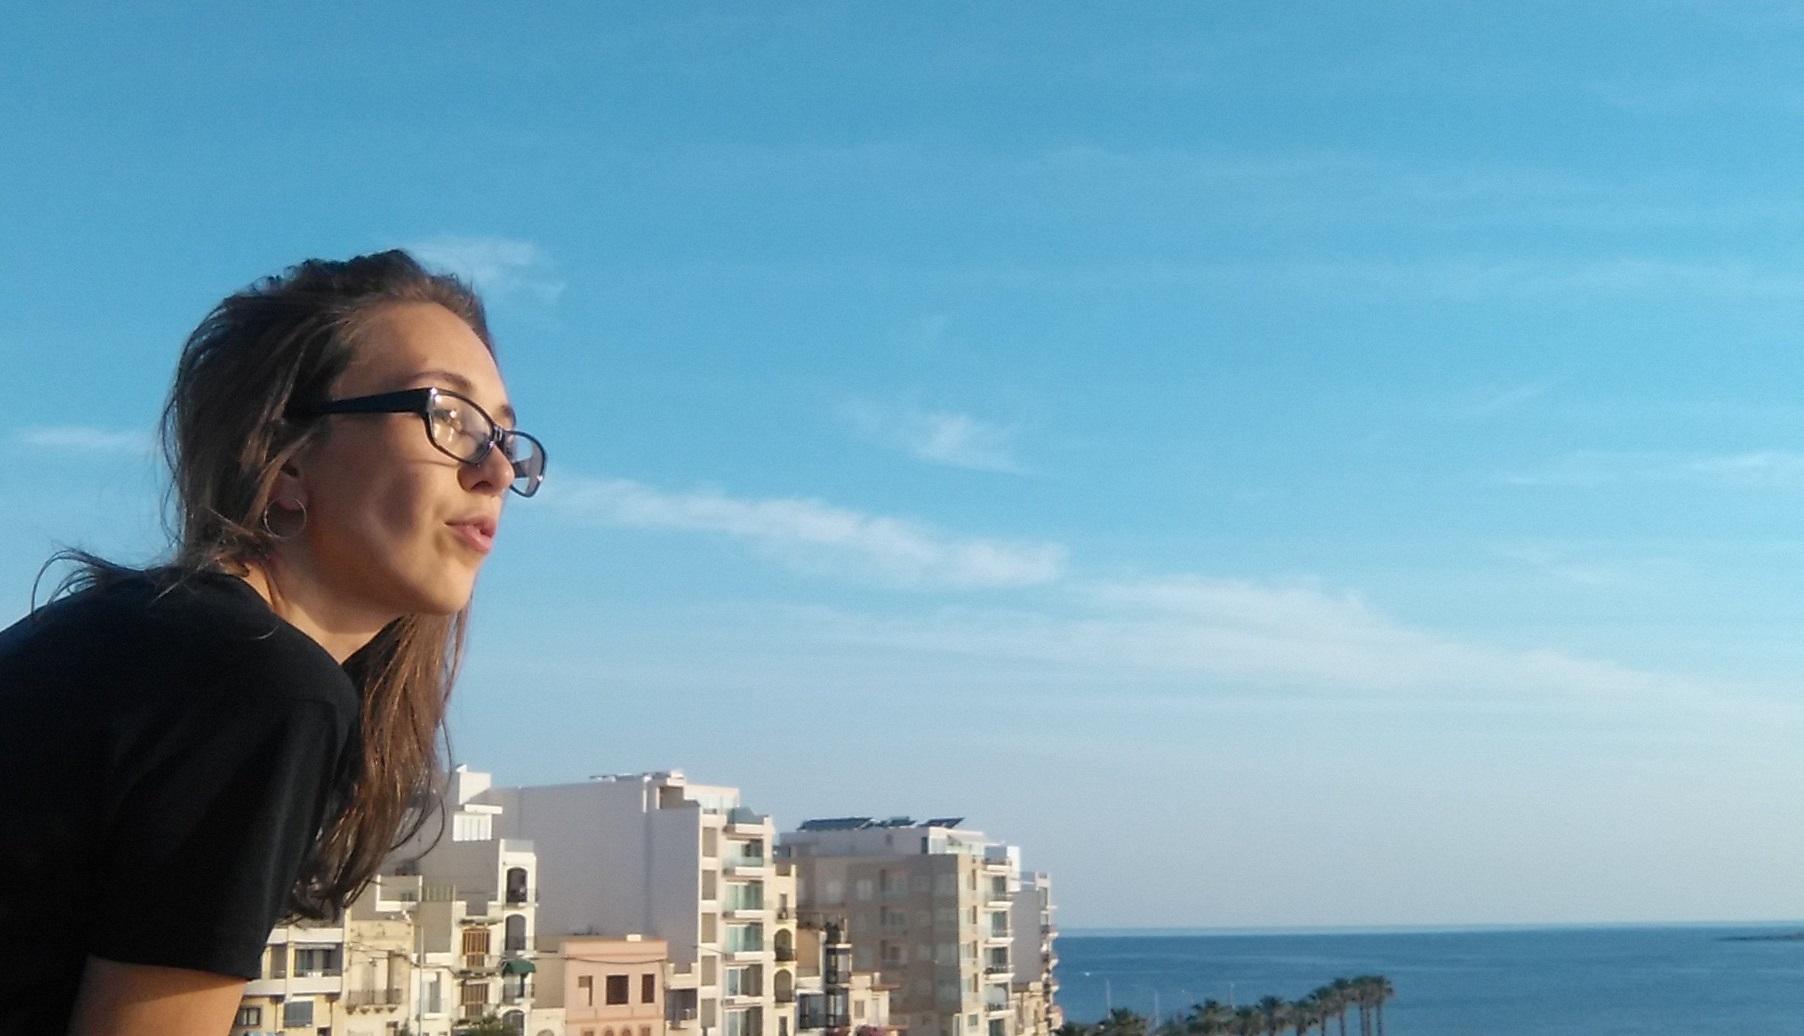 une photo de mon voyage d'apprentissage de l'anglais à malte